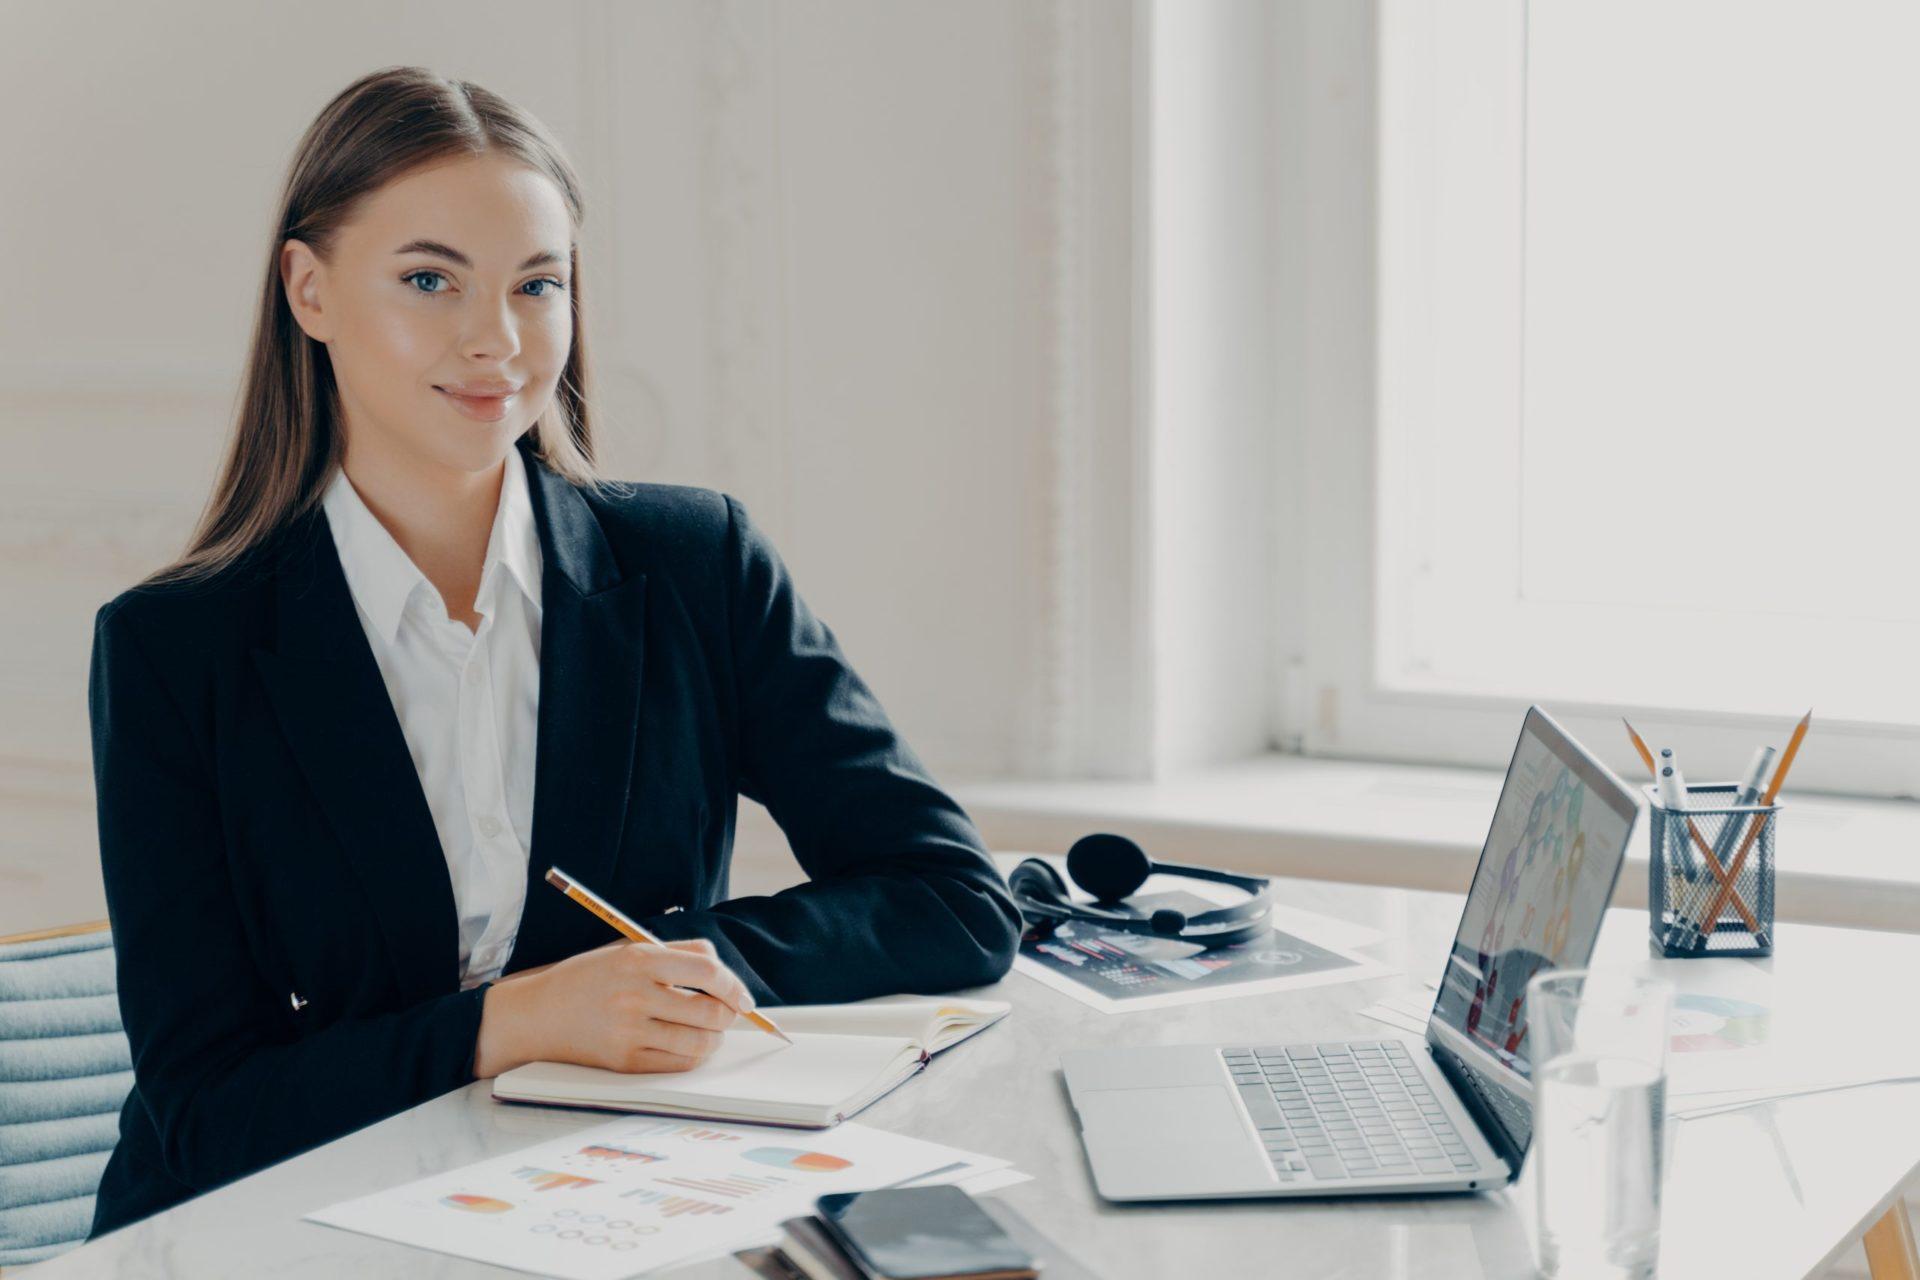 Bussiness Women Working in Office